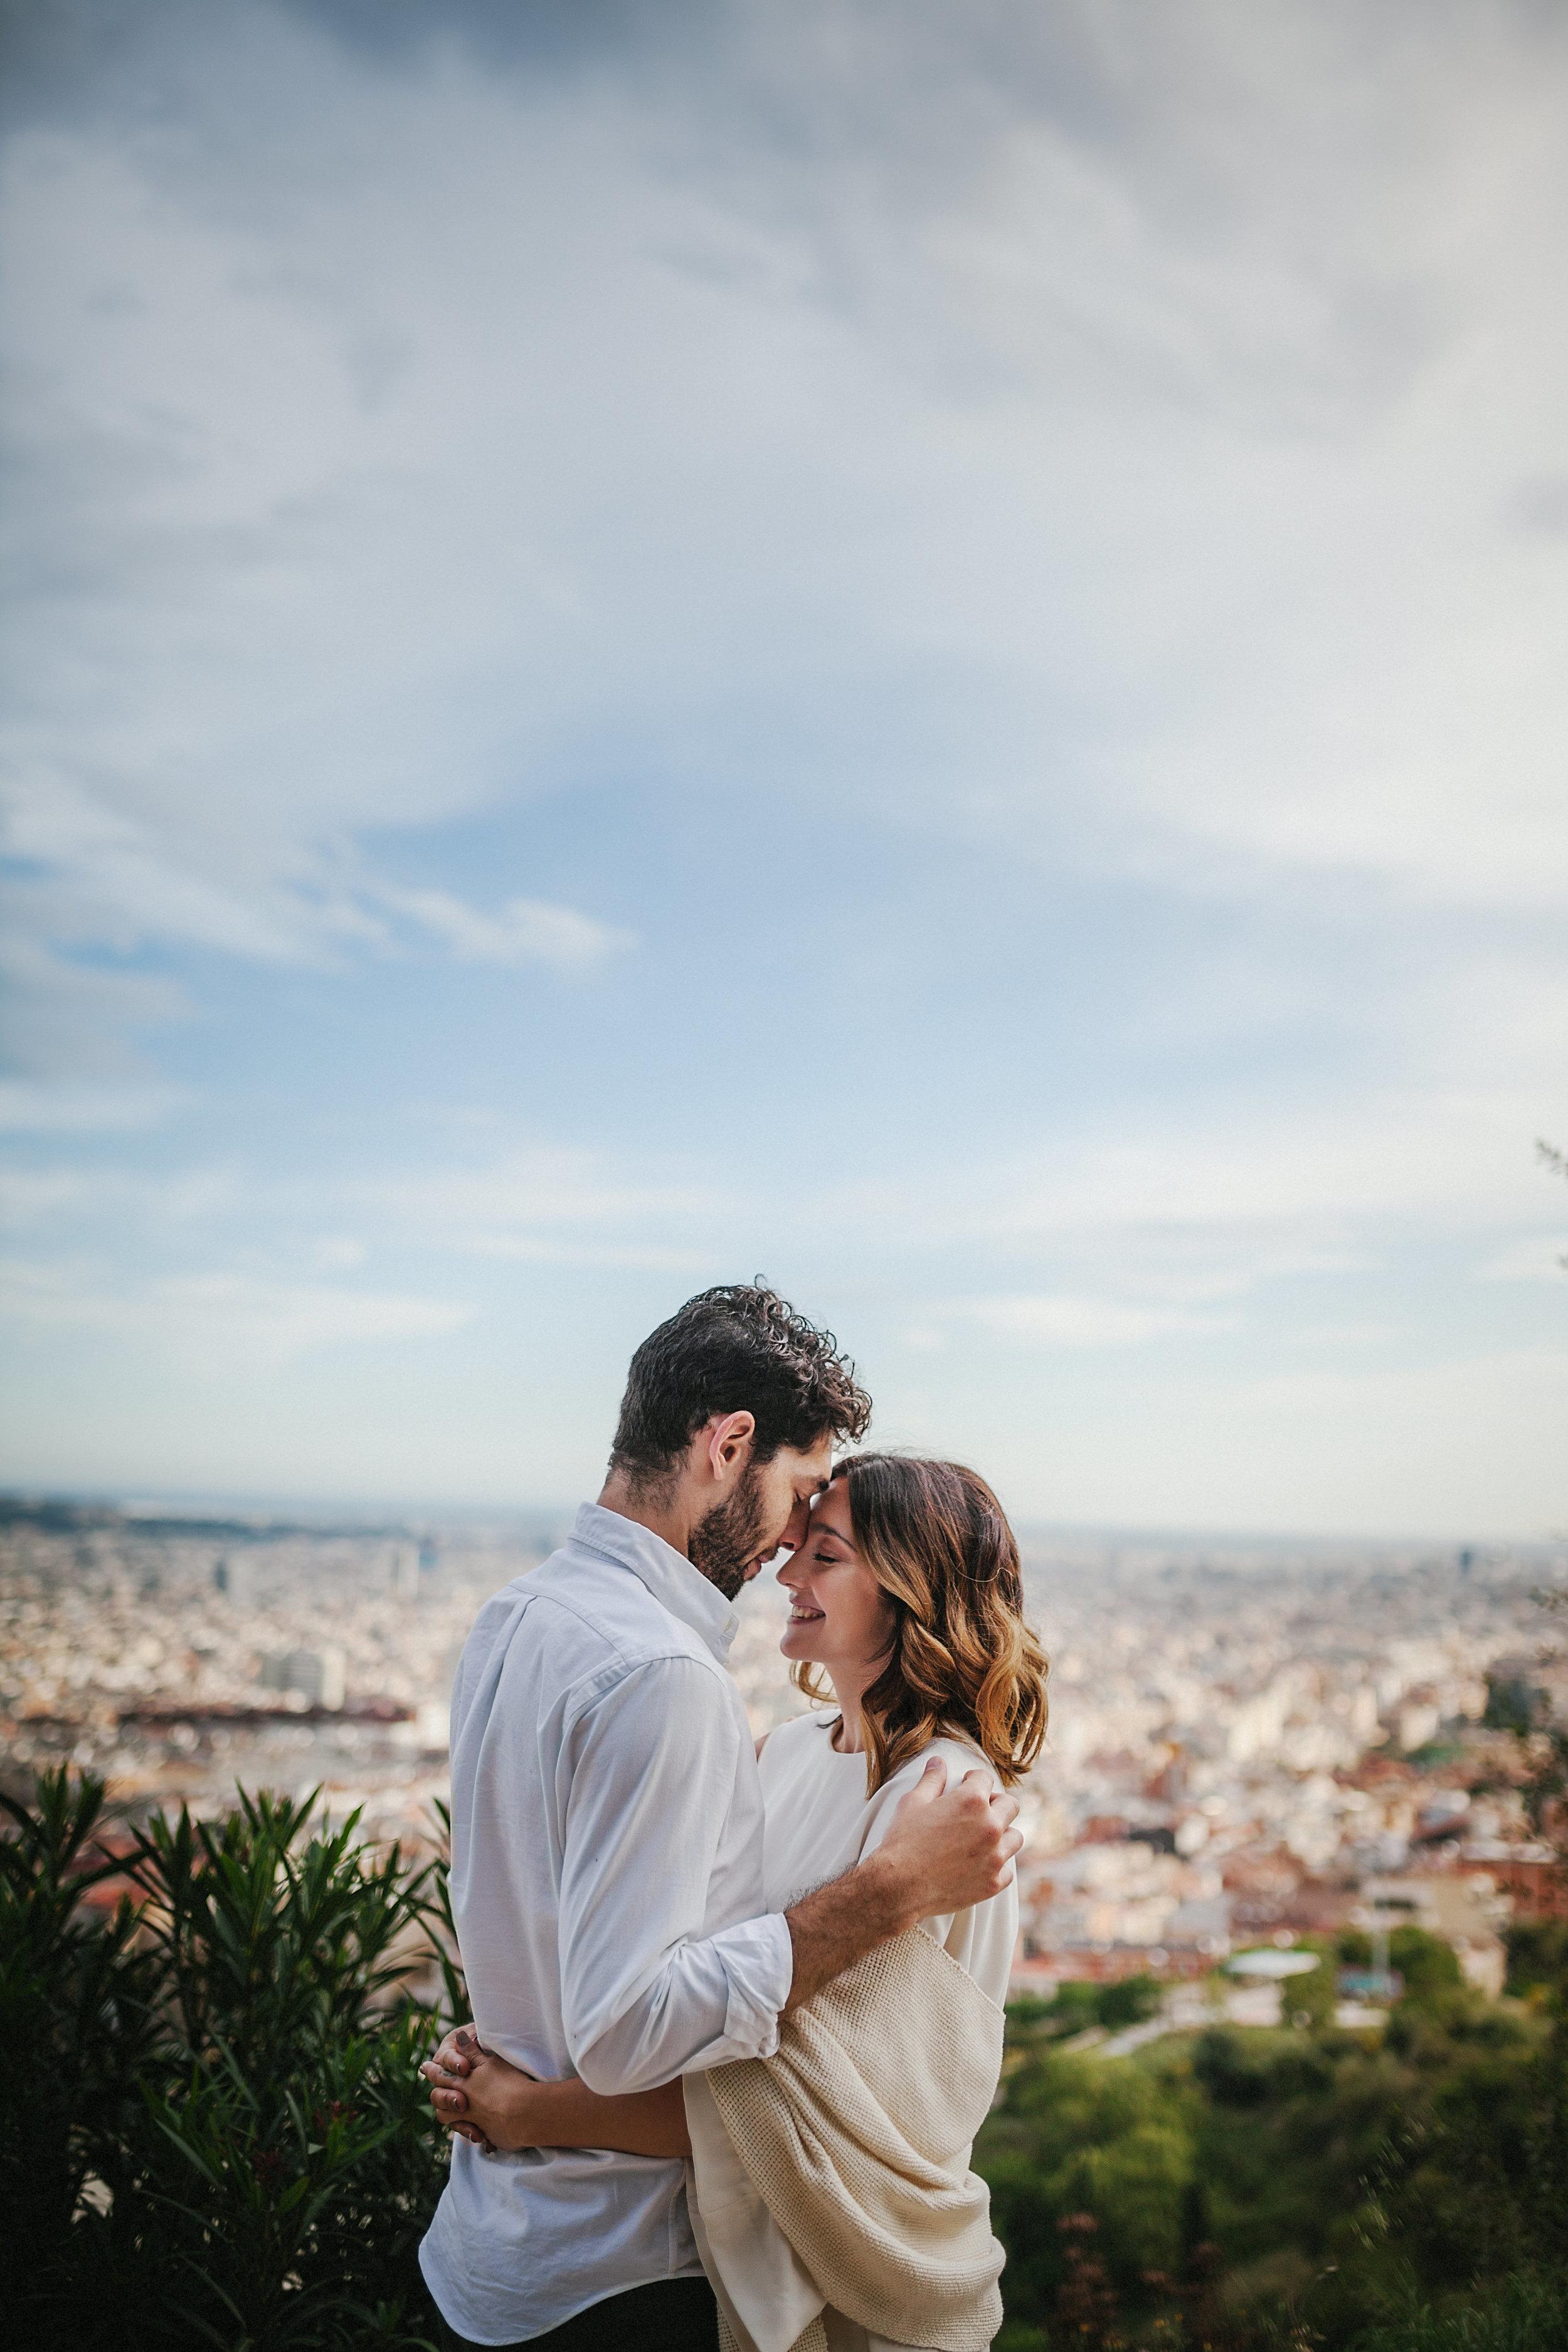 Pareja abrazándose con Barcelona de fondo.